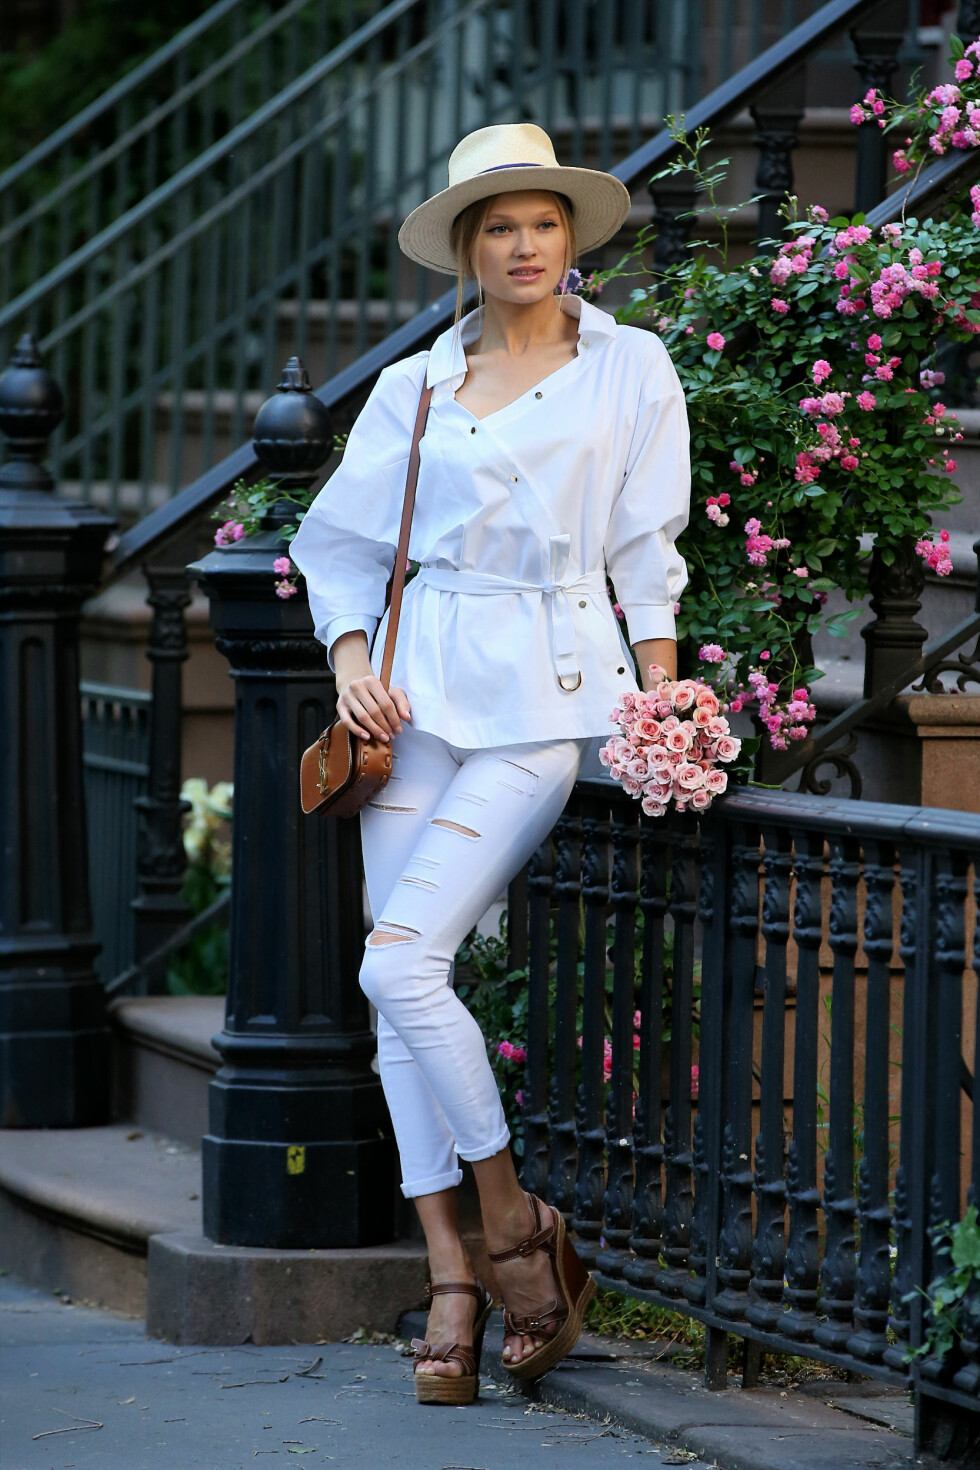 Bruk hatt i sommer: Modellen Vita Sidorkina går for en klassisk strandhatt på byferie i New York. Foto: Scanpix